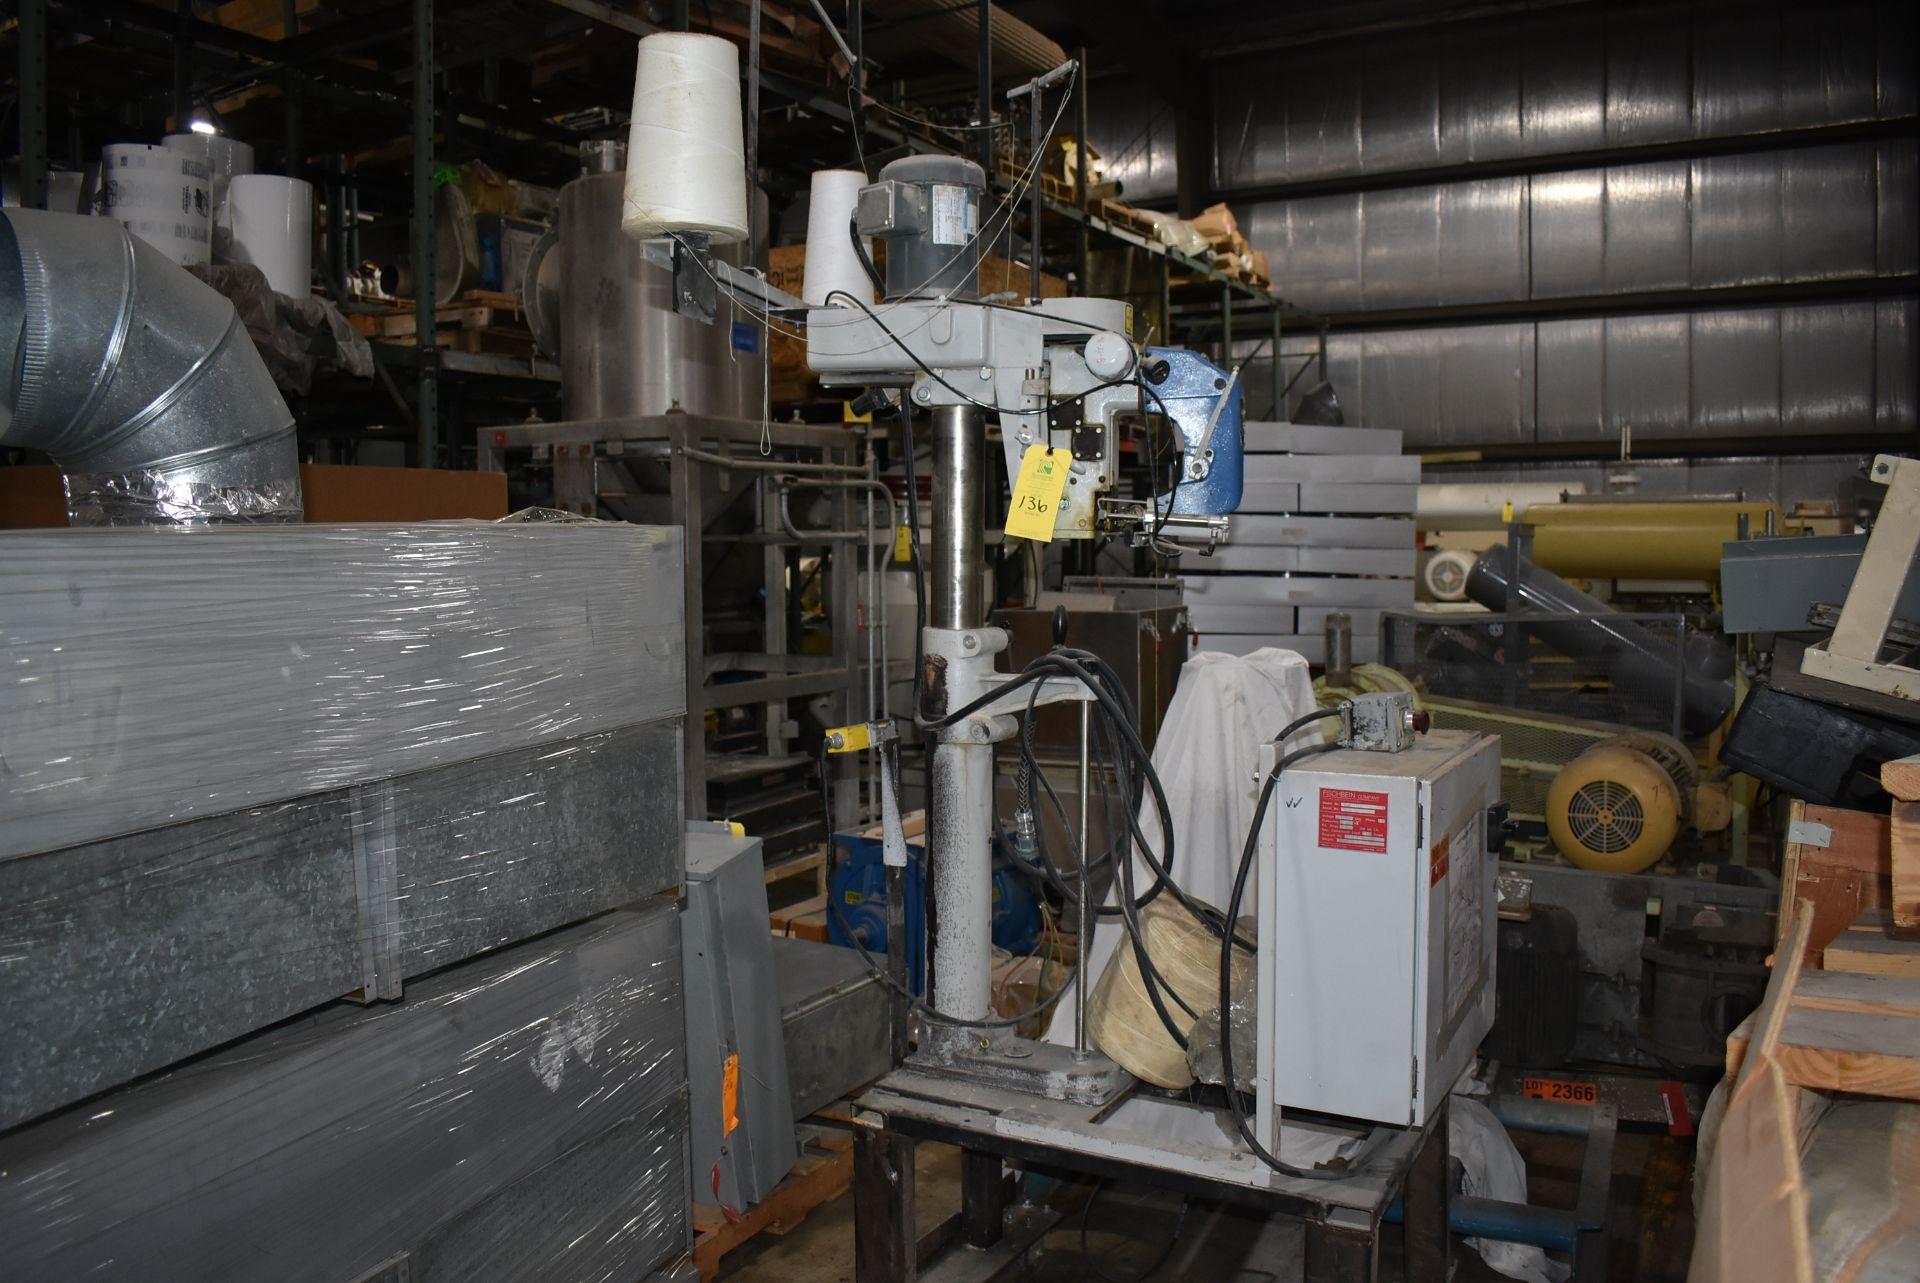 Fischbein Model #400 Series Industrial Sewing Machine